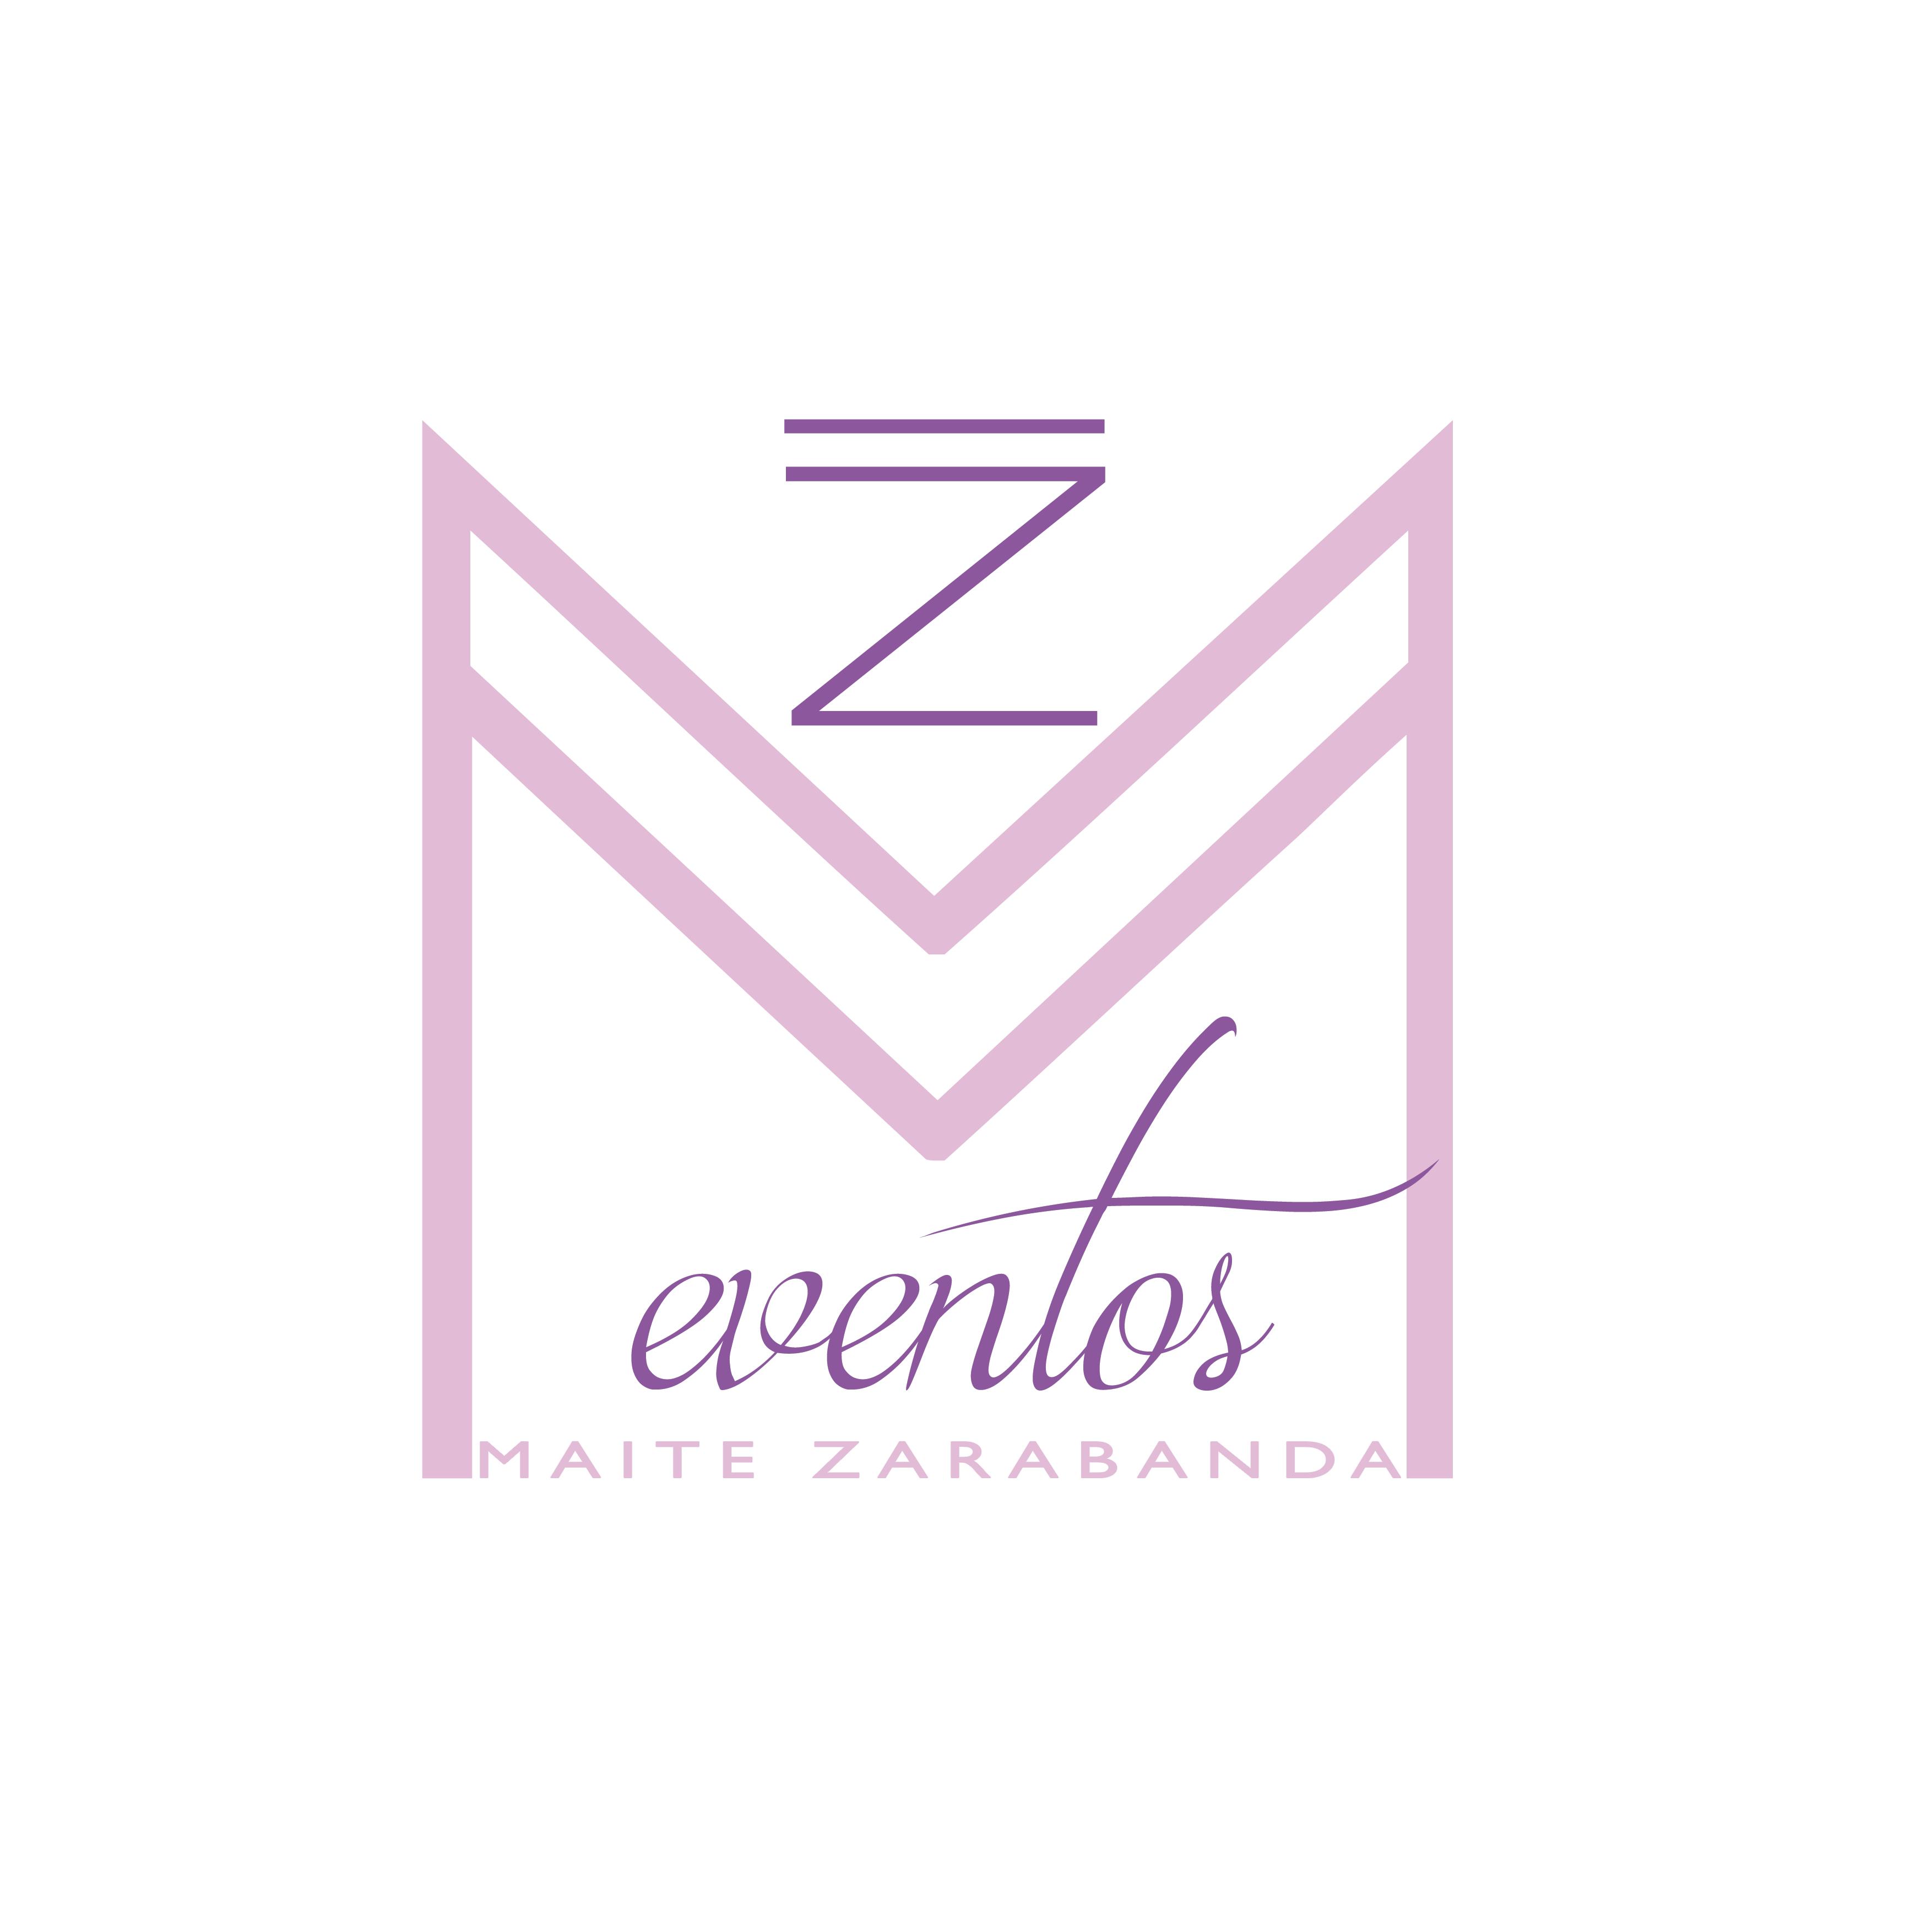 Maite Zarabanda